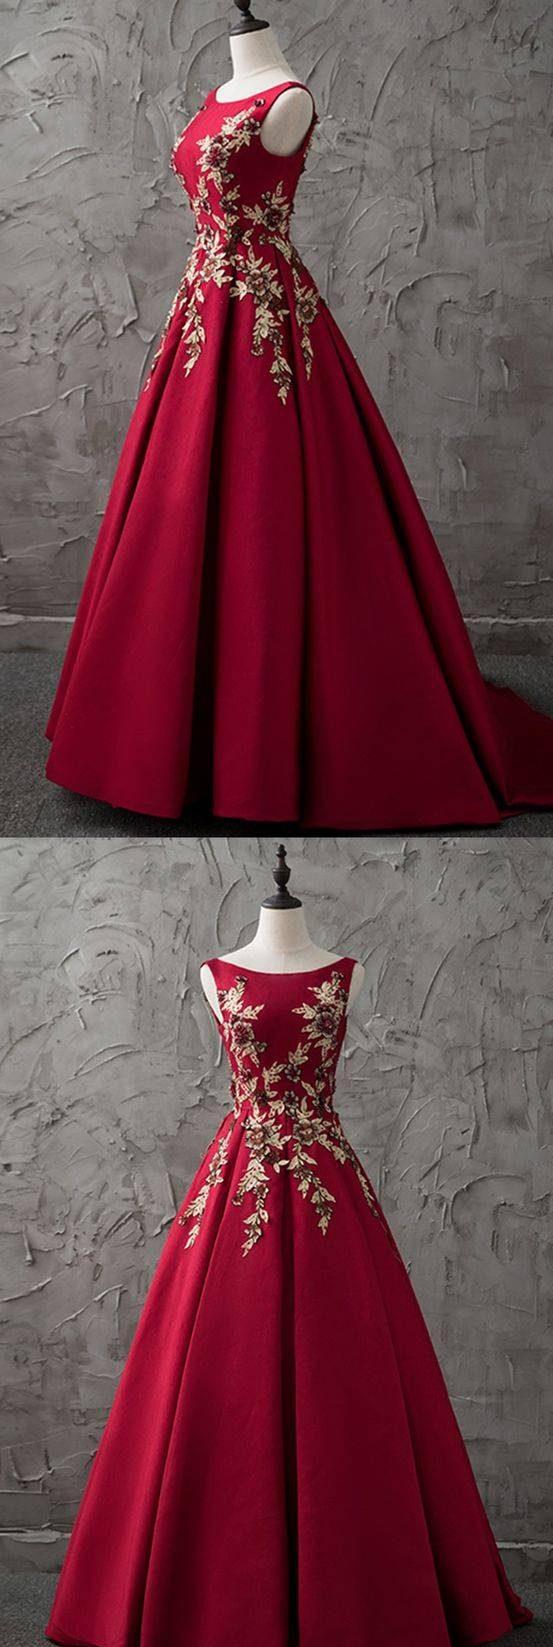 راهنمای انتخاب لباس مجلسی برای خانمهای لاغر اندام